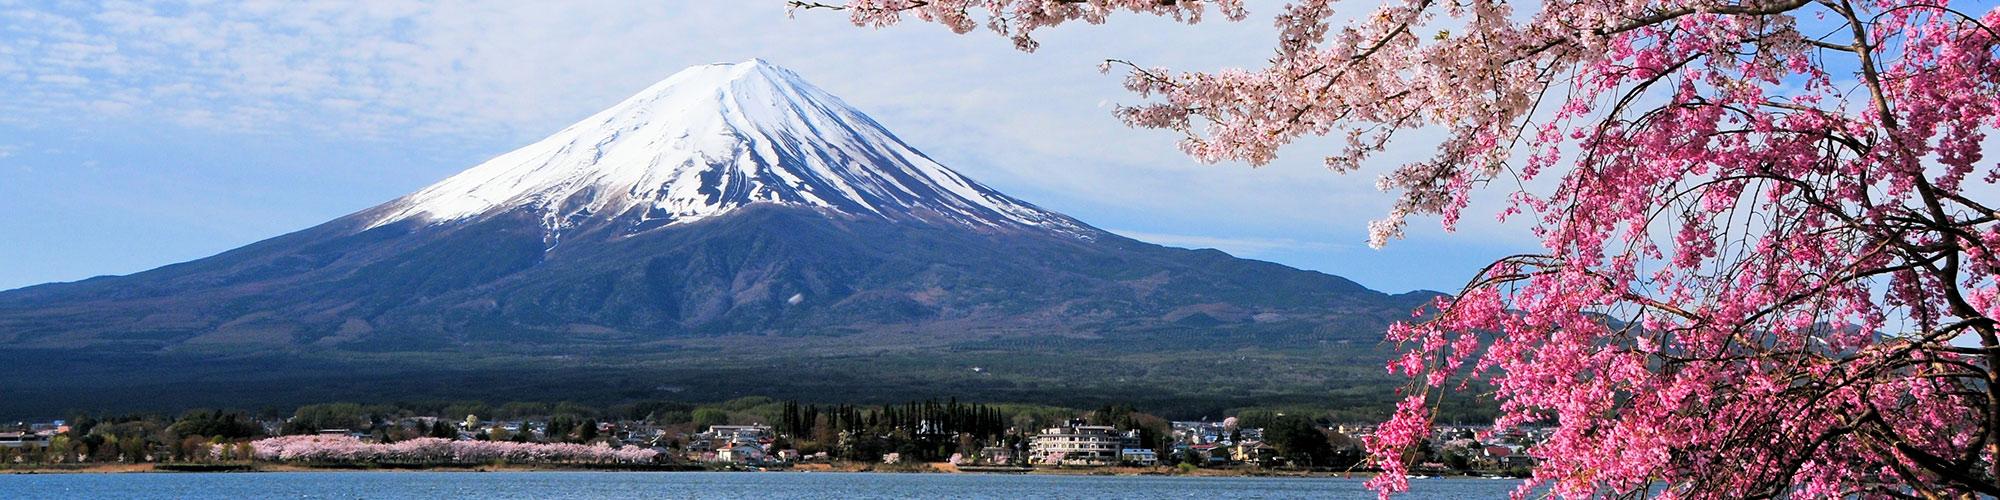 Primavera en Japón: Semana Santa entre cerezos - El Pais Viajes